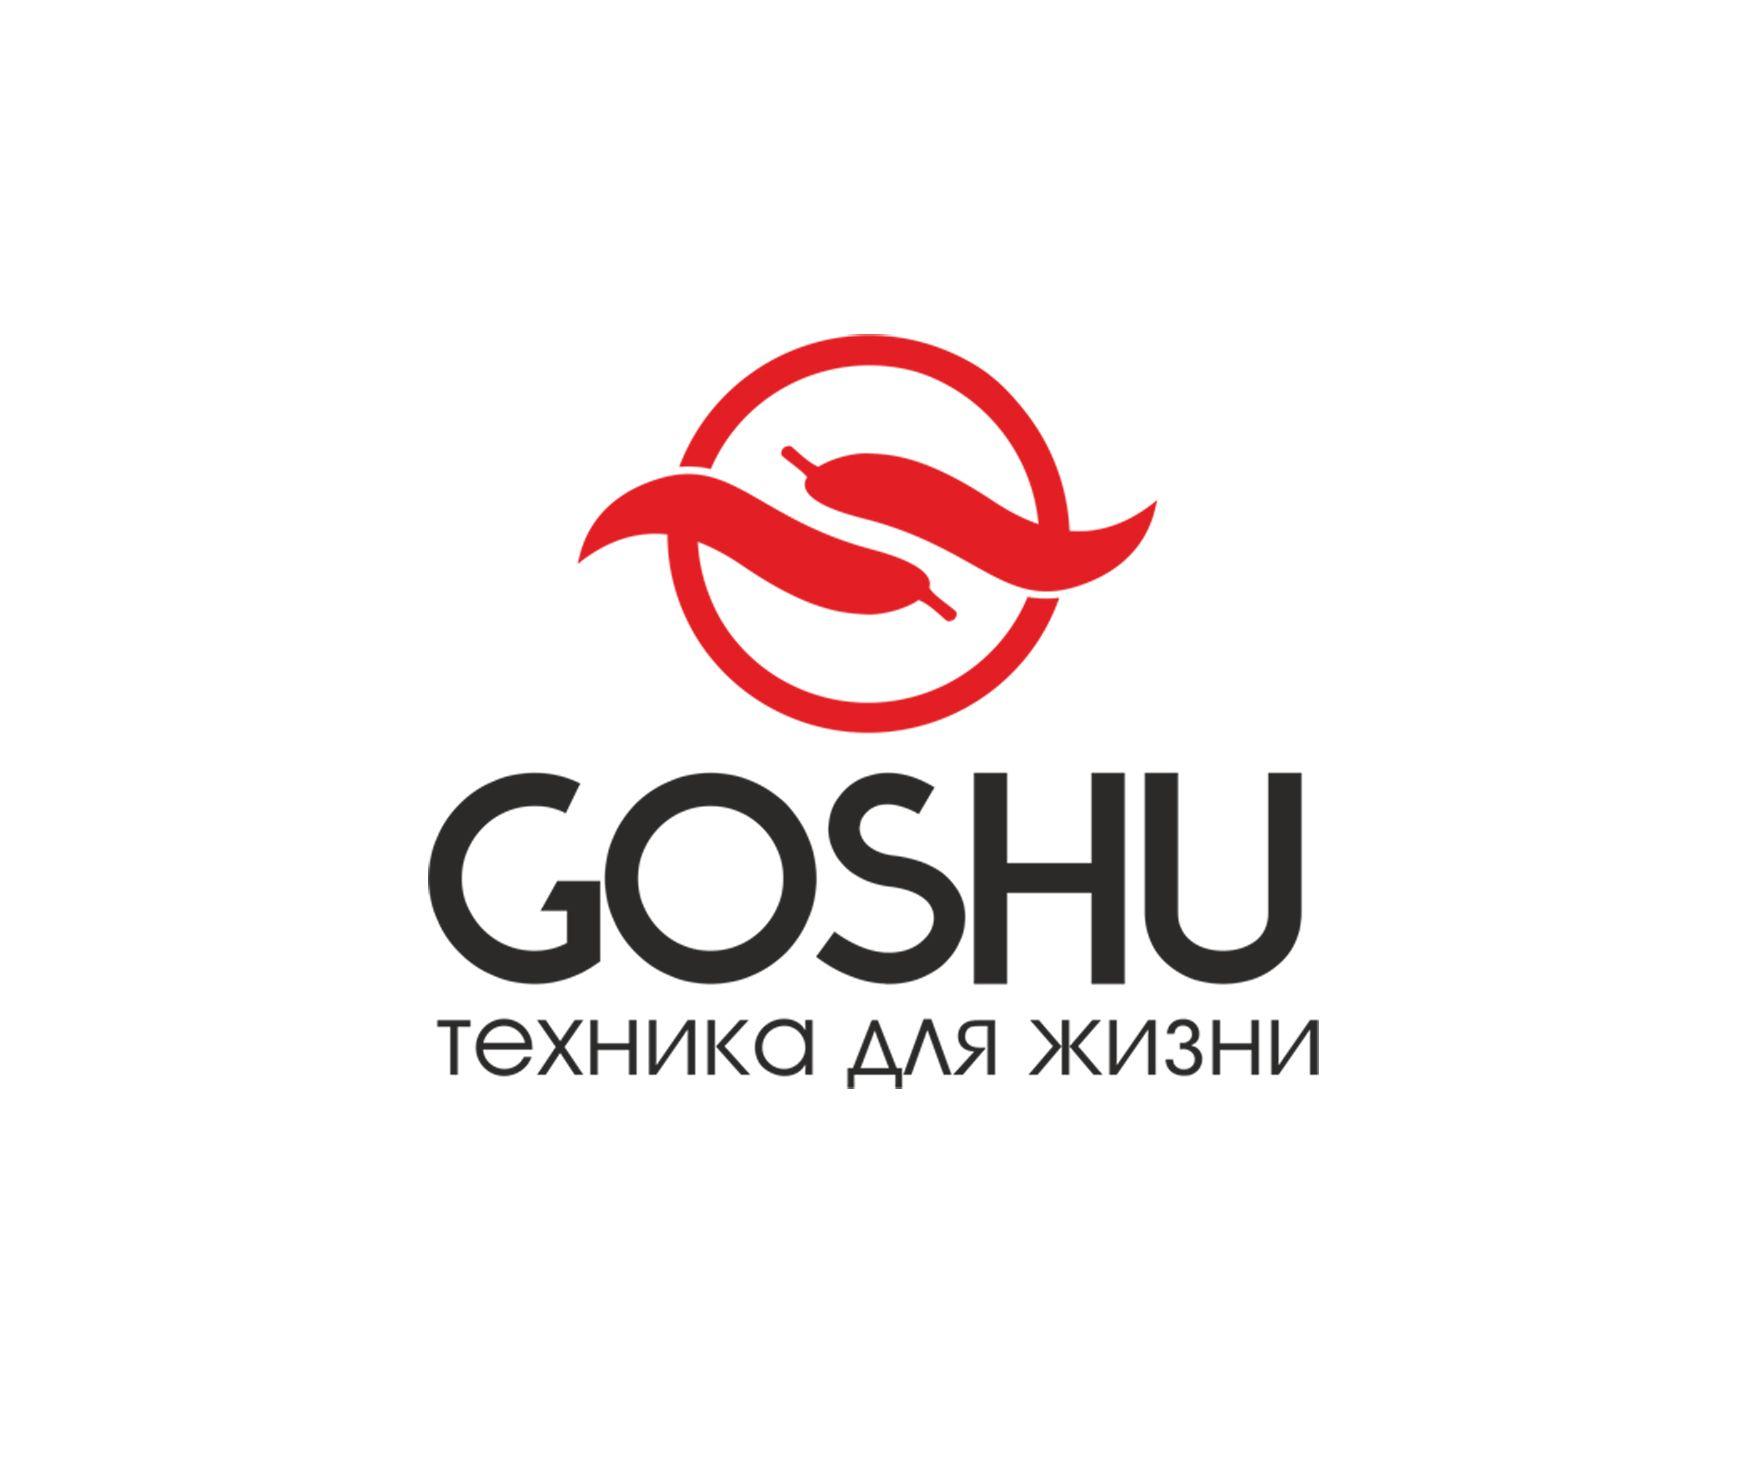 Логотип для торговой марки - дизайнер Tanchik25